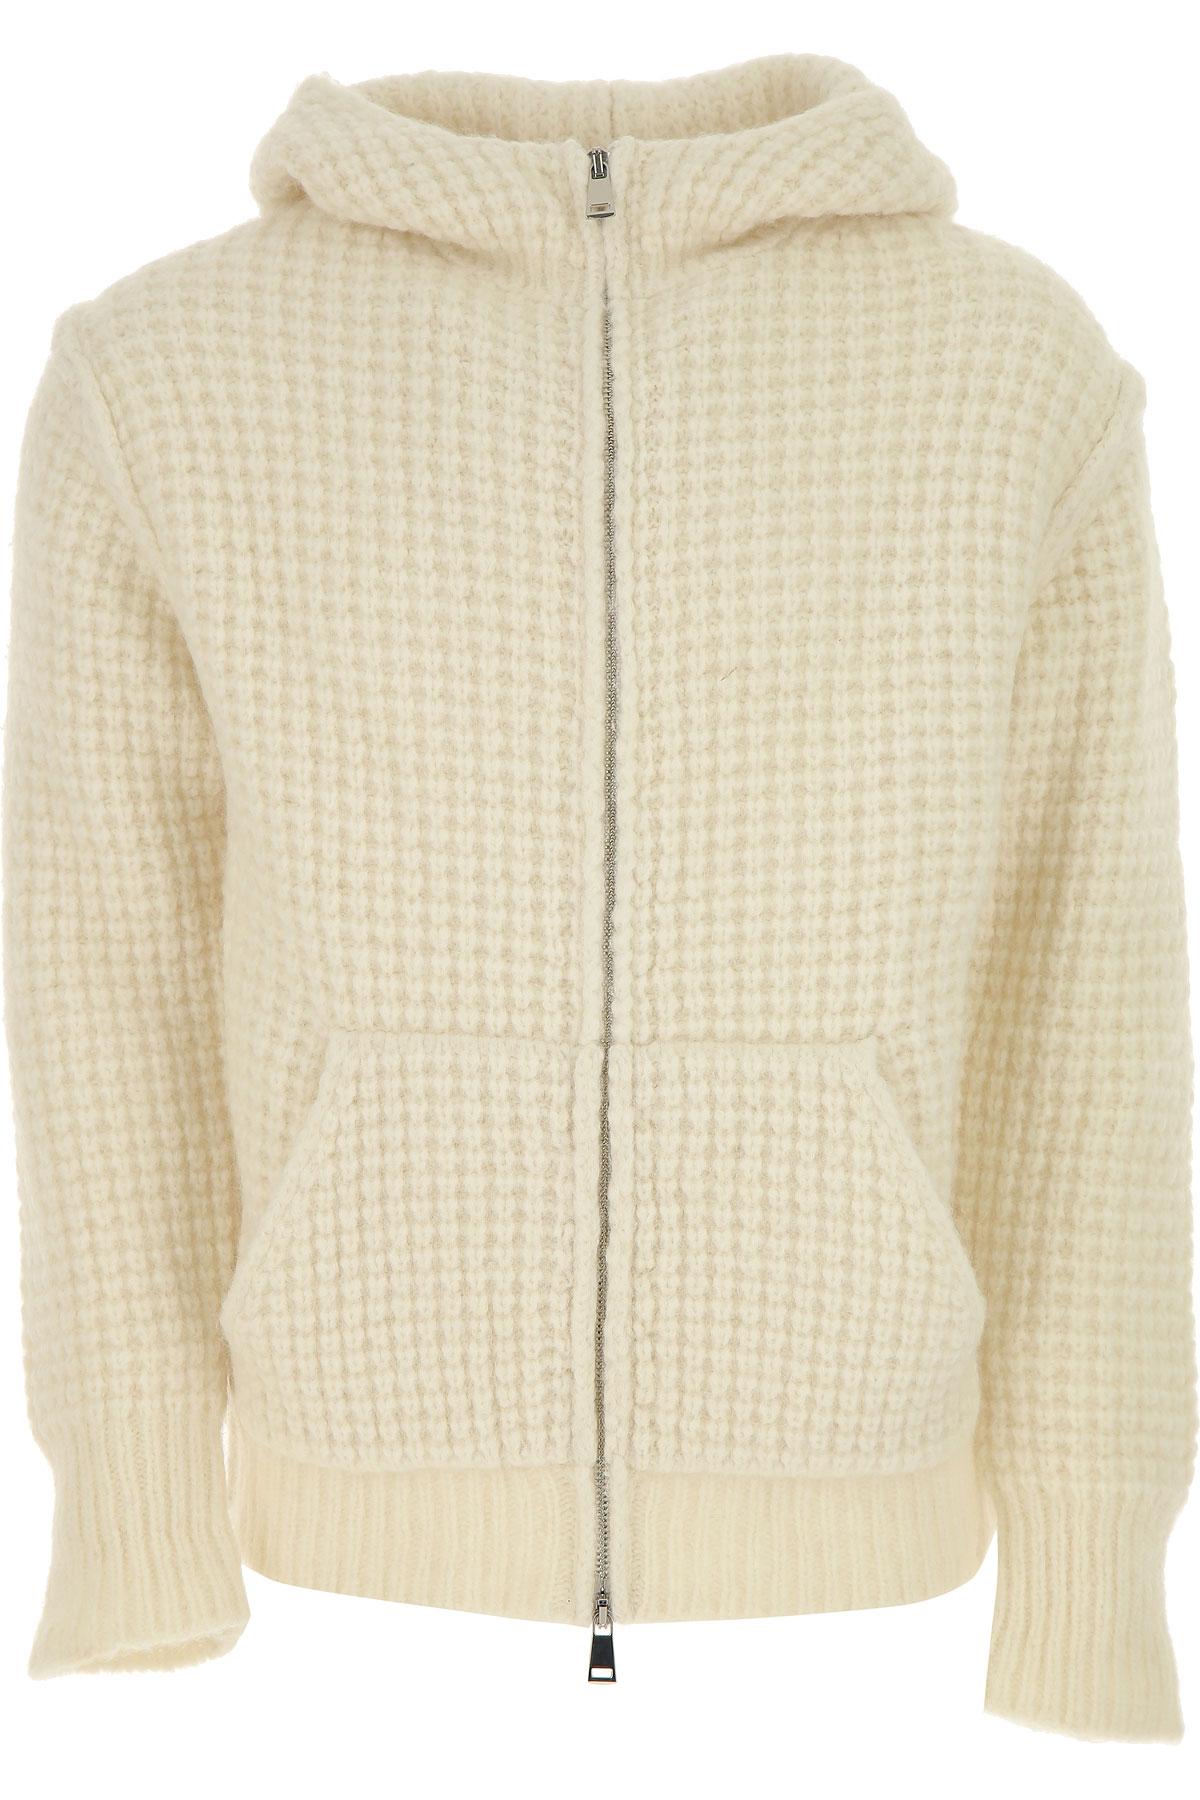 Image of Maison Flaneur Sweatshirt for Men, White, alcapa, 2017, L XL